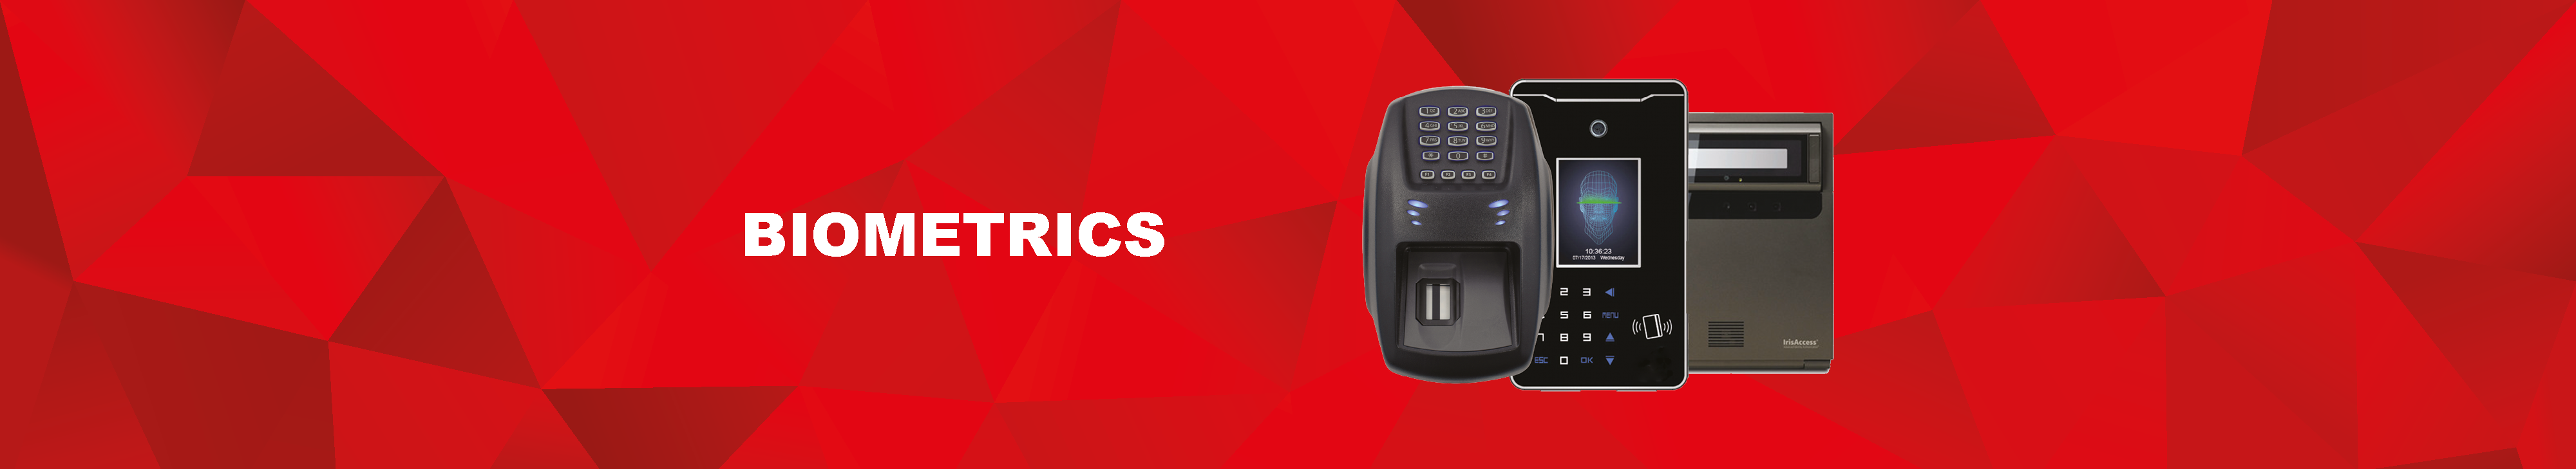 Home - biometrics